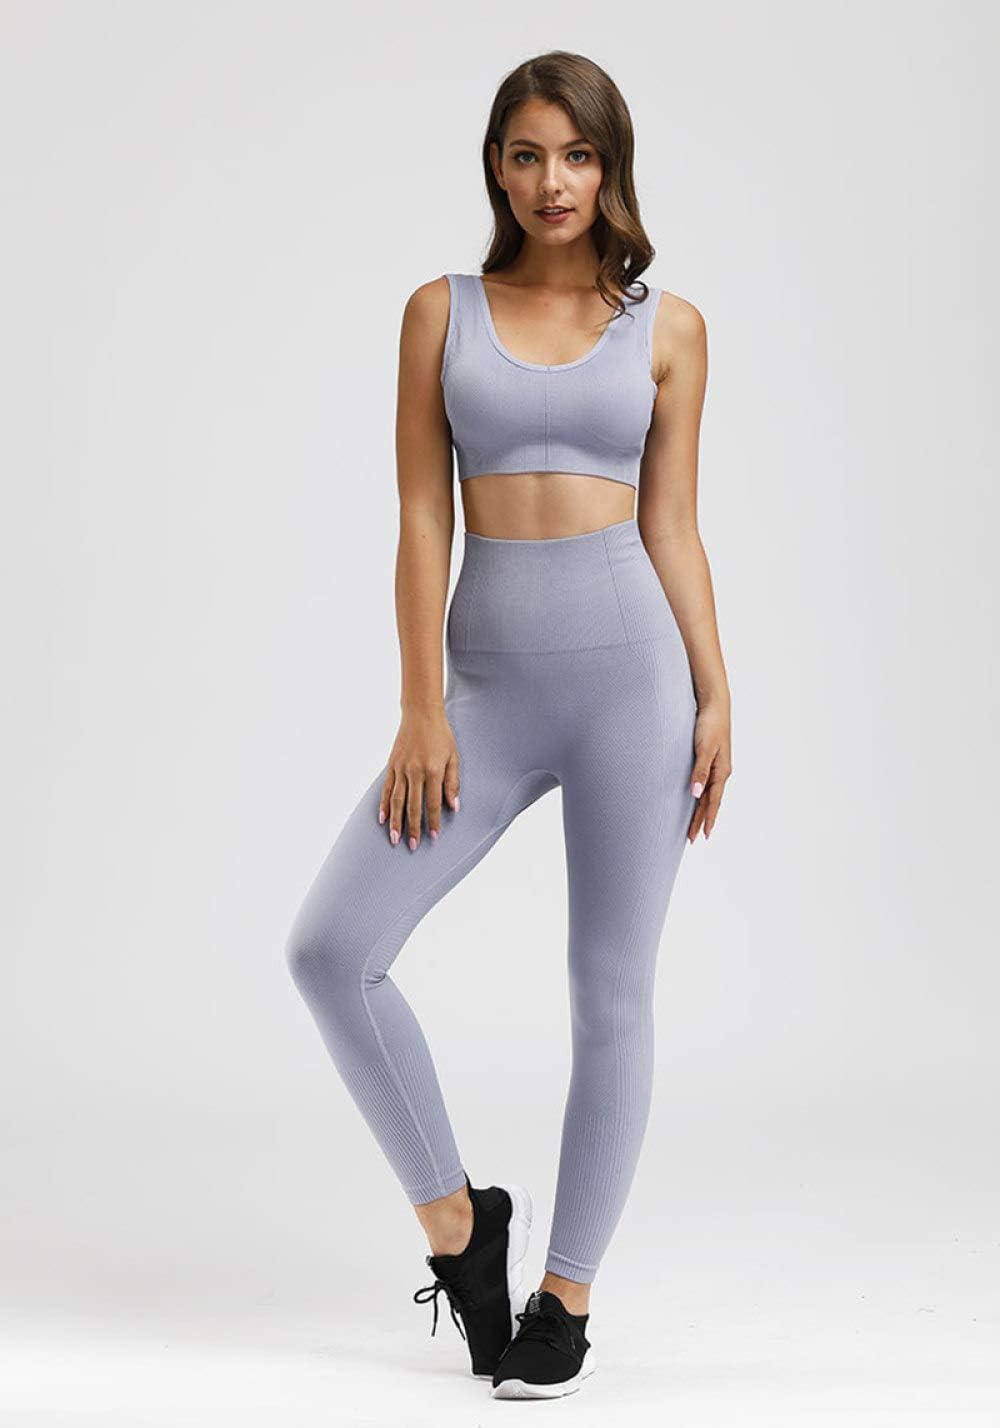 JFCDB Vêtements de Yoga,Vêtements de Sport sans Couture Femmes Sportwear Taille Haute Soutien-Gorge de Sport Workout Yoga Set Femme Fitness Sport Costumes Ensemble gris clair